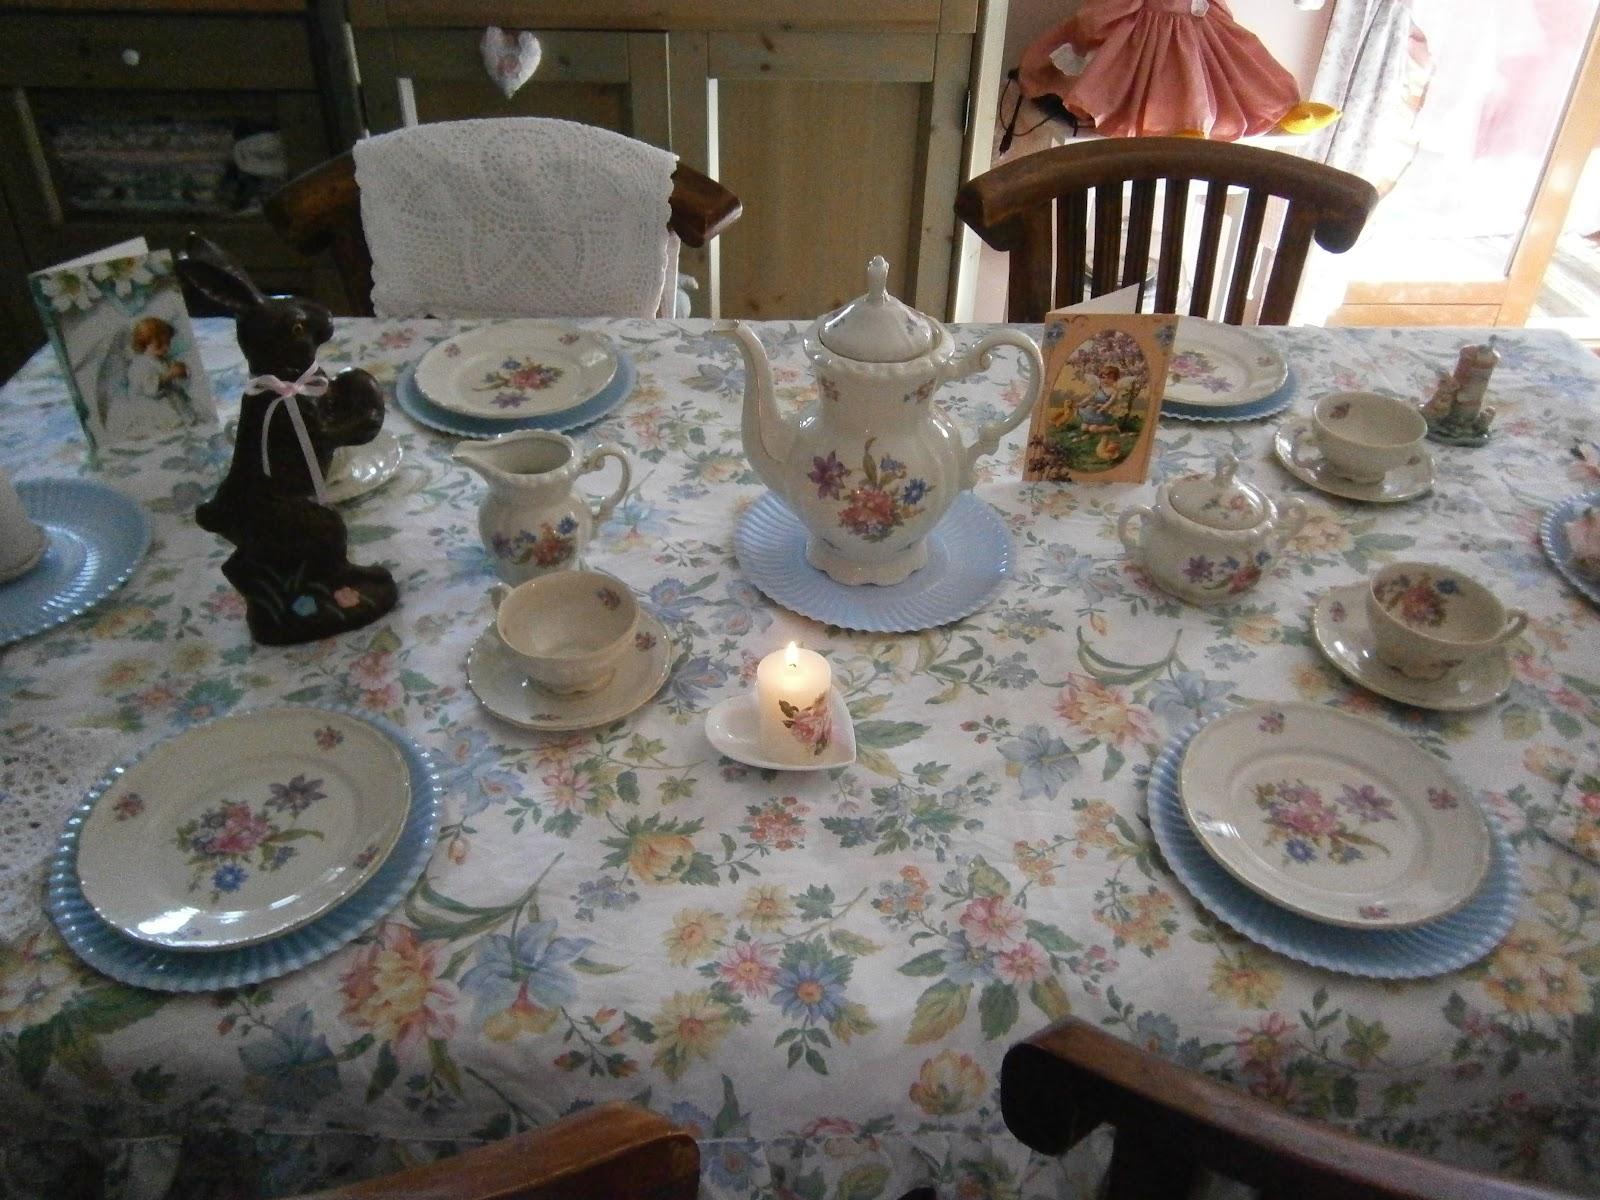 The romantic rose tocchi di celeste sulla mia tavola - Un angelo alla mia tavola ...